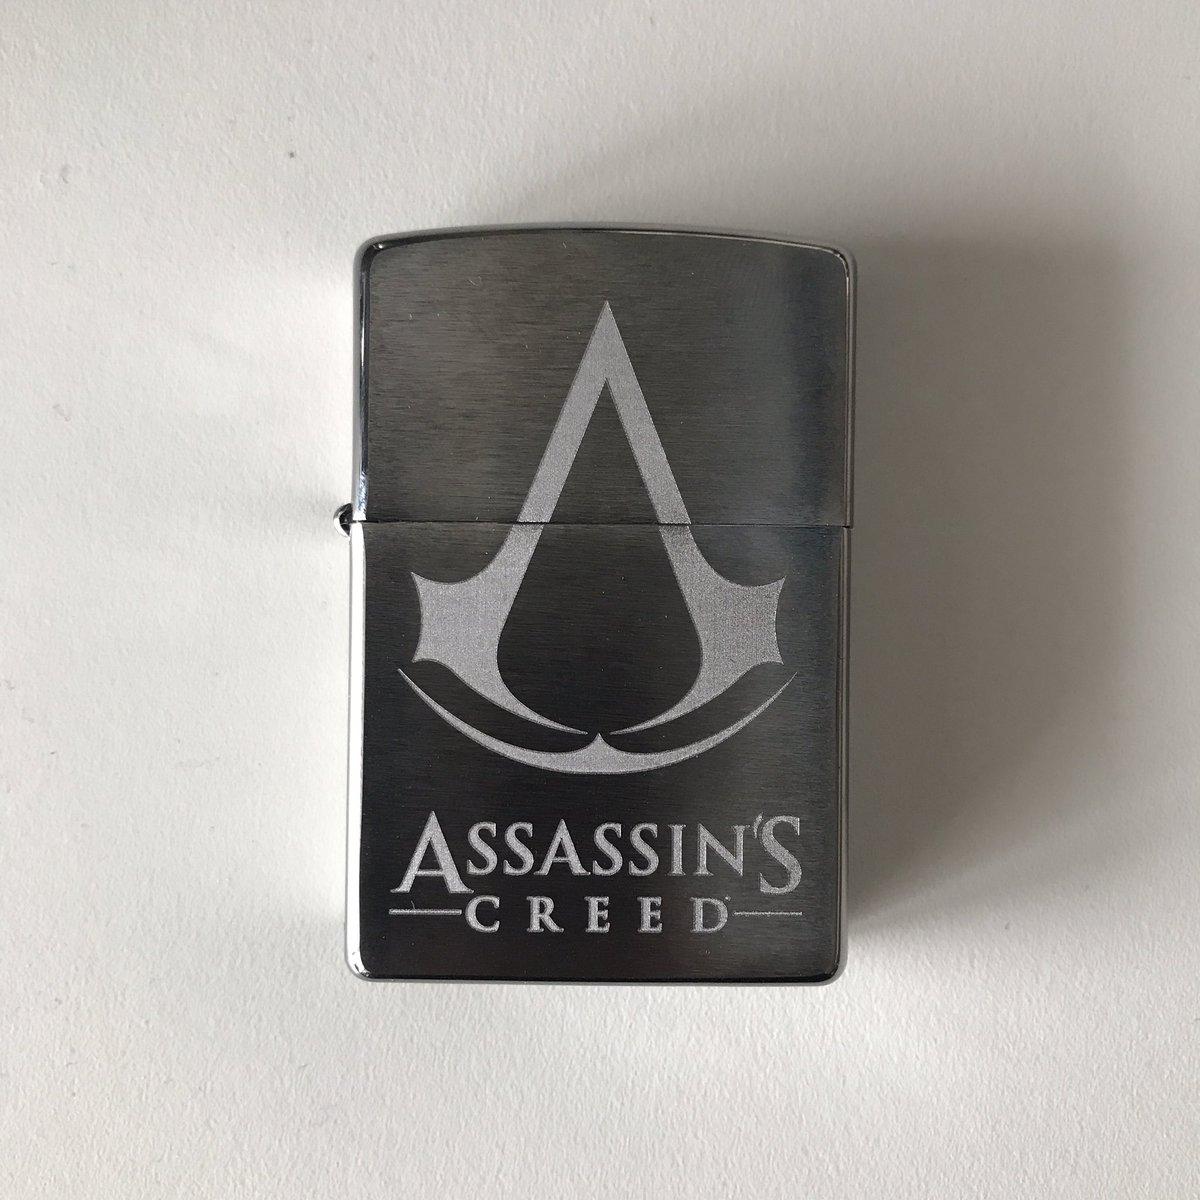 [CONCOURS] Je fais gagner un @Zippo #AssassinsCreed  RT pour tenter de gagner !  TAS le 26/07